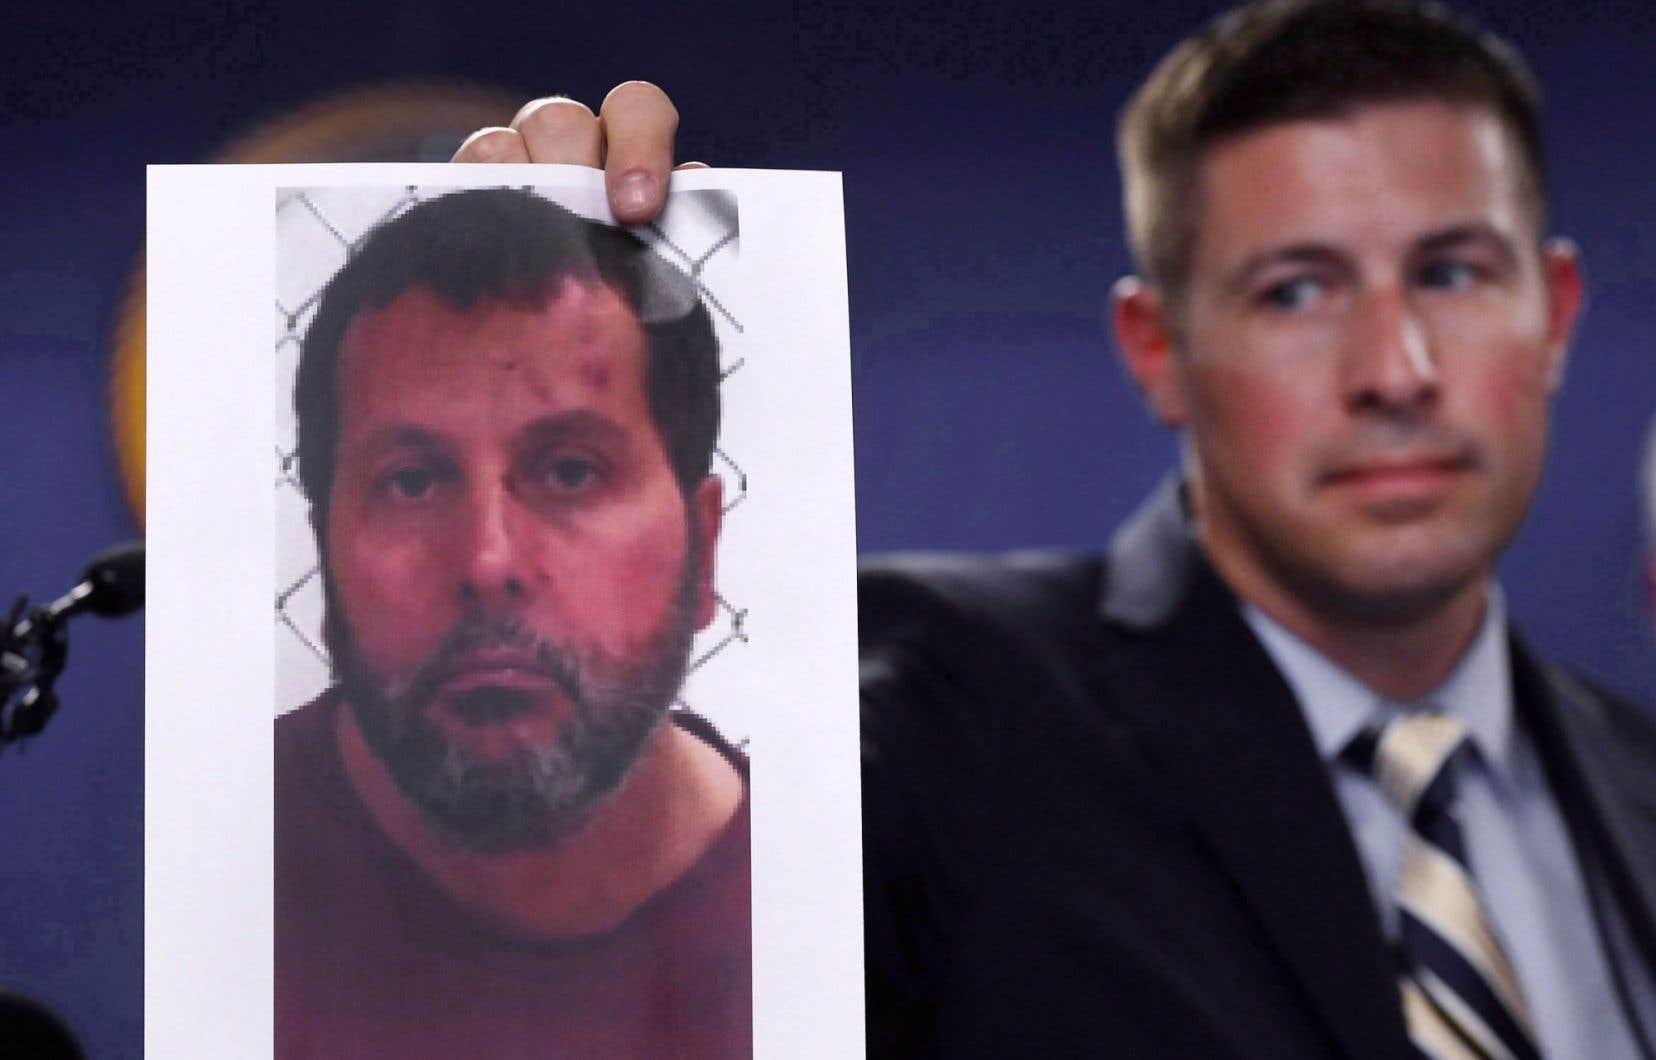 Un agent du FBi brandit une photo d'Amor Ftouhi, soupçonné d'avoir poignardé un policier à l'aéroport de Flint.